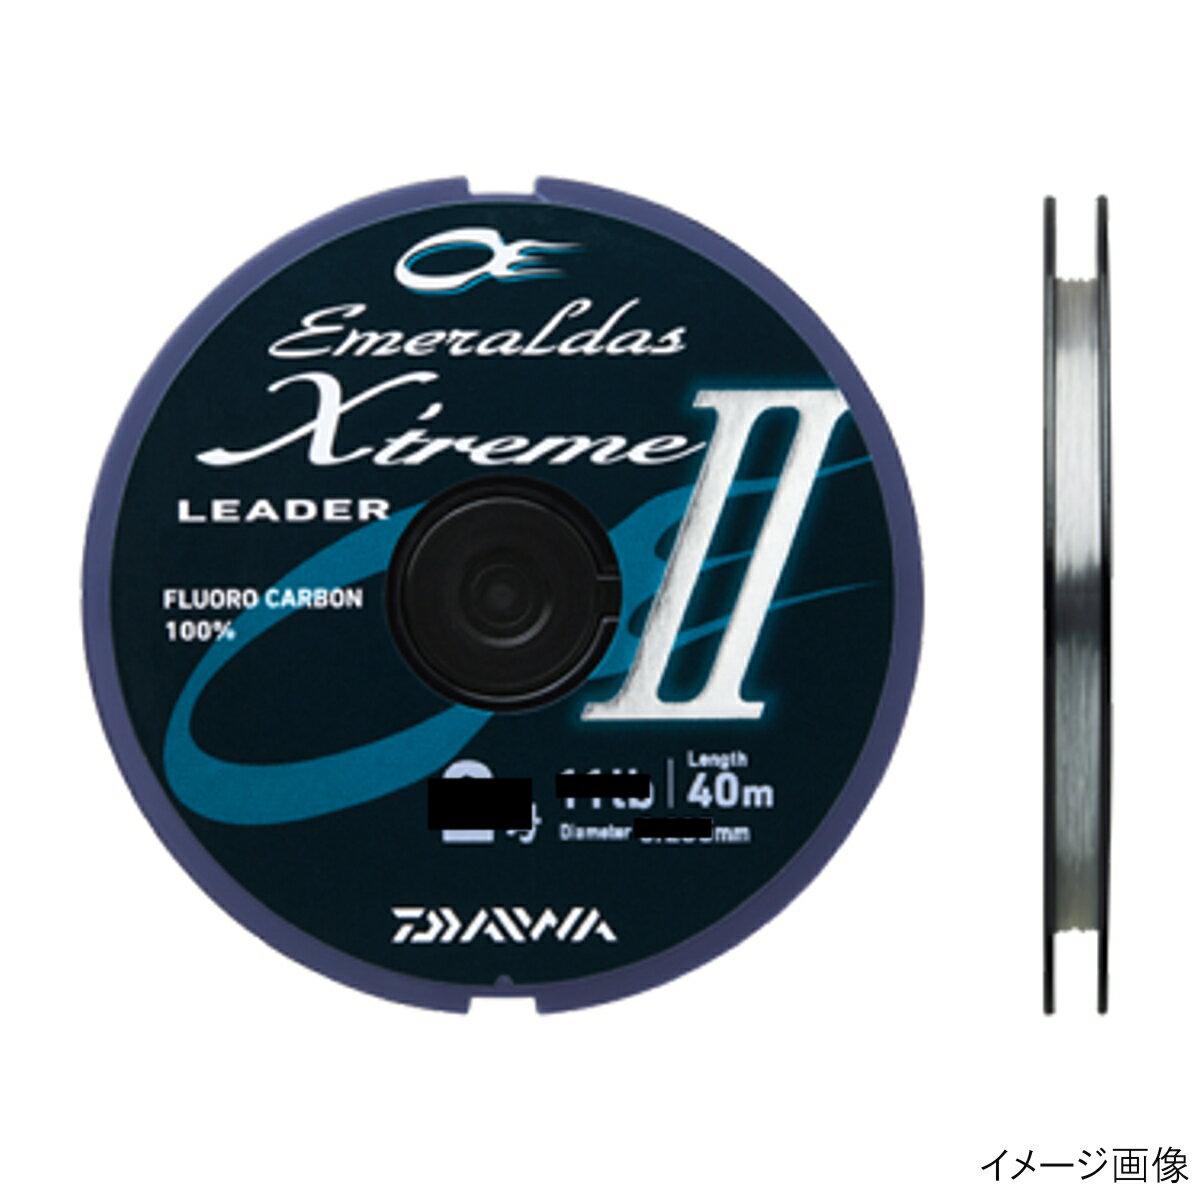 ダイワ エメラルダス リーダー エクストリーム II 40m 2号 ナチュラル【ゆうパケット】